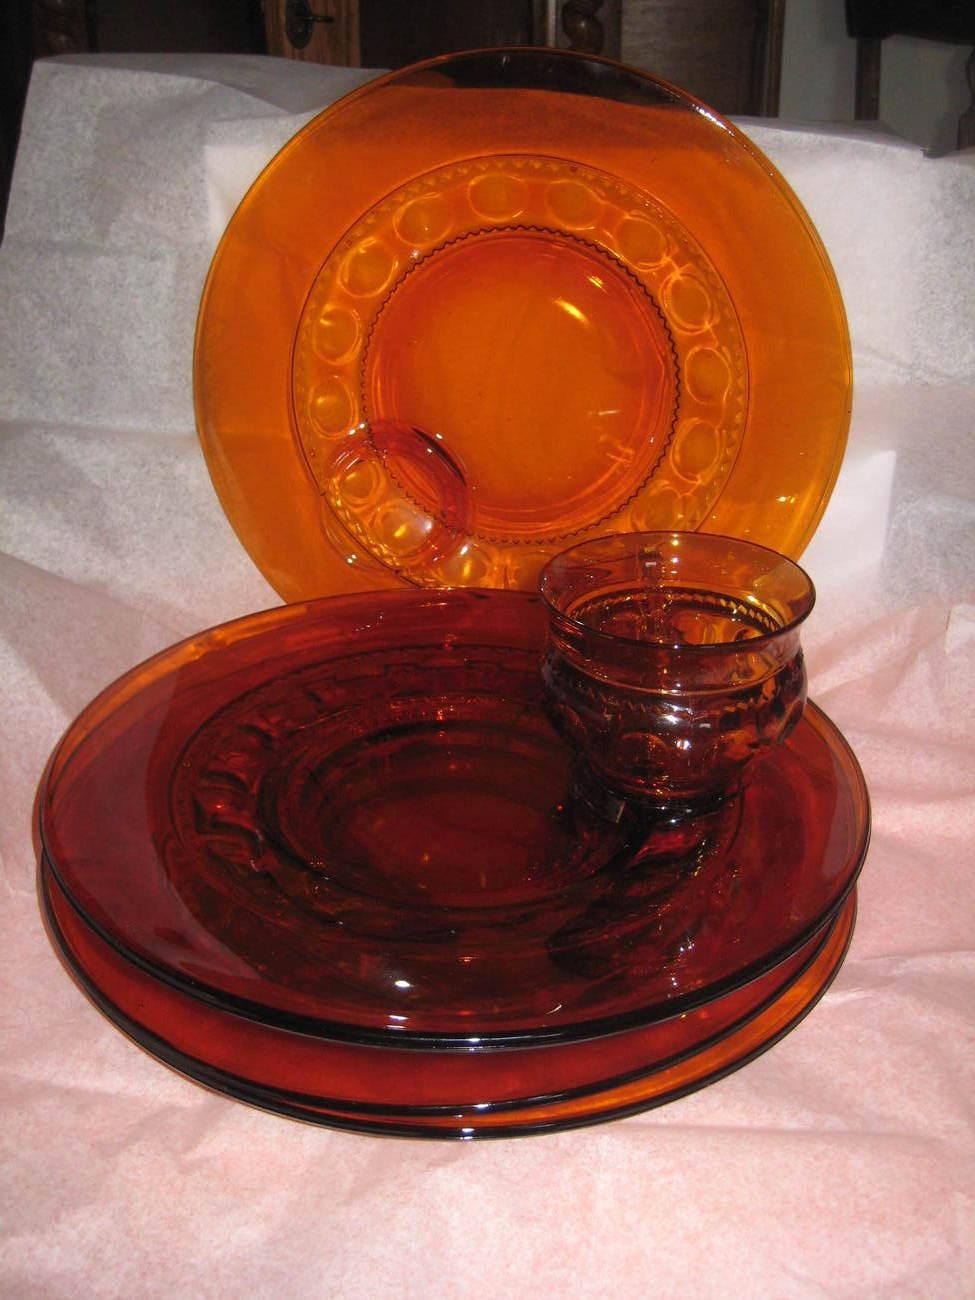 King Crown Dark Amber Snack Set, Circa 1955 to 1975